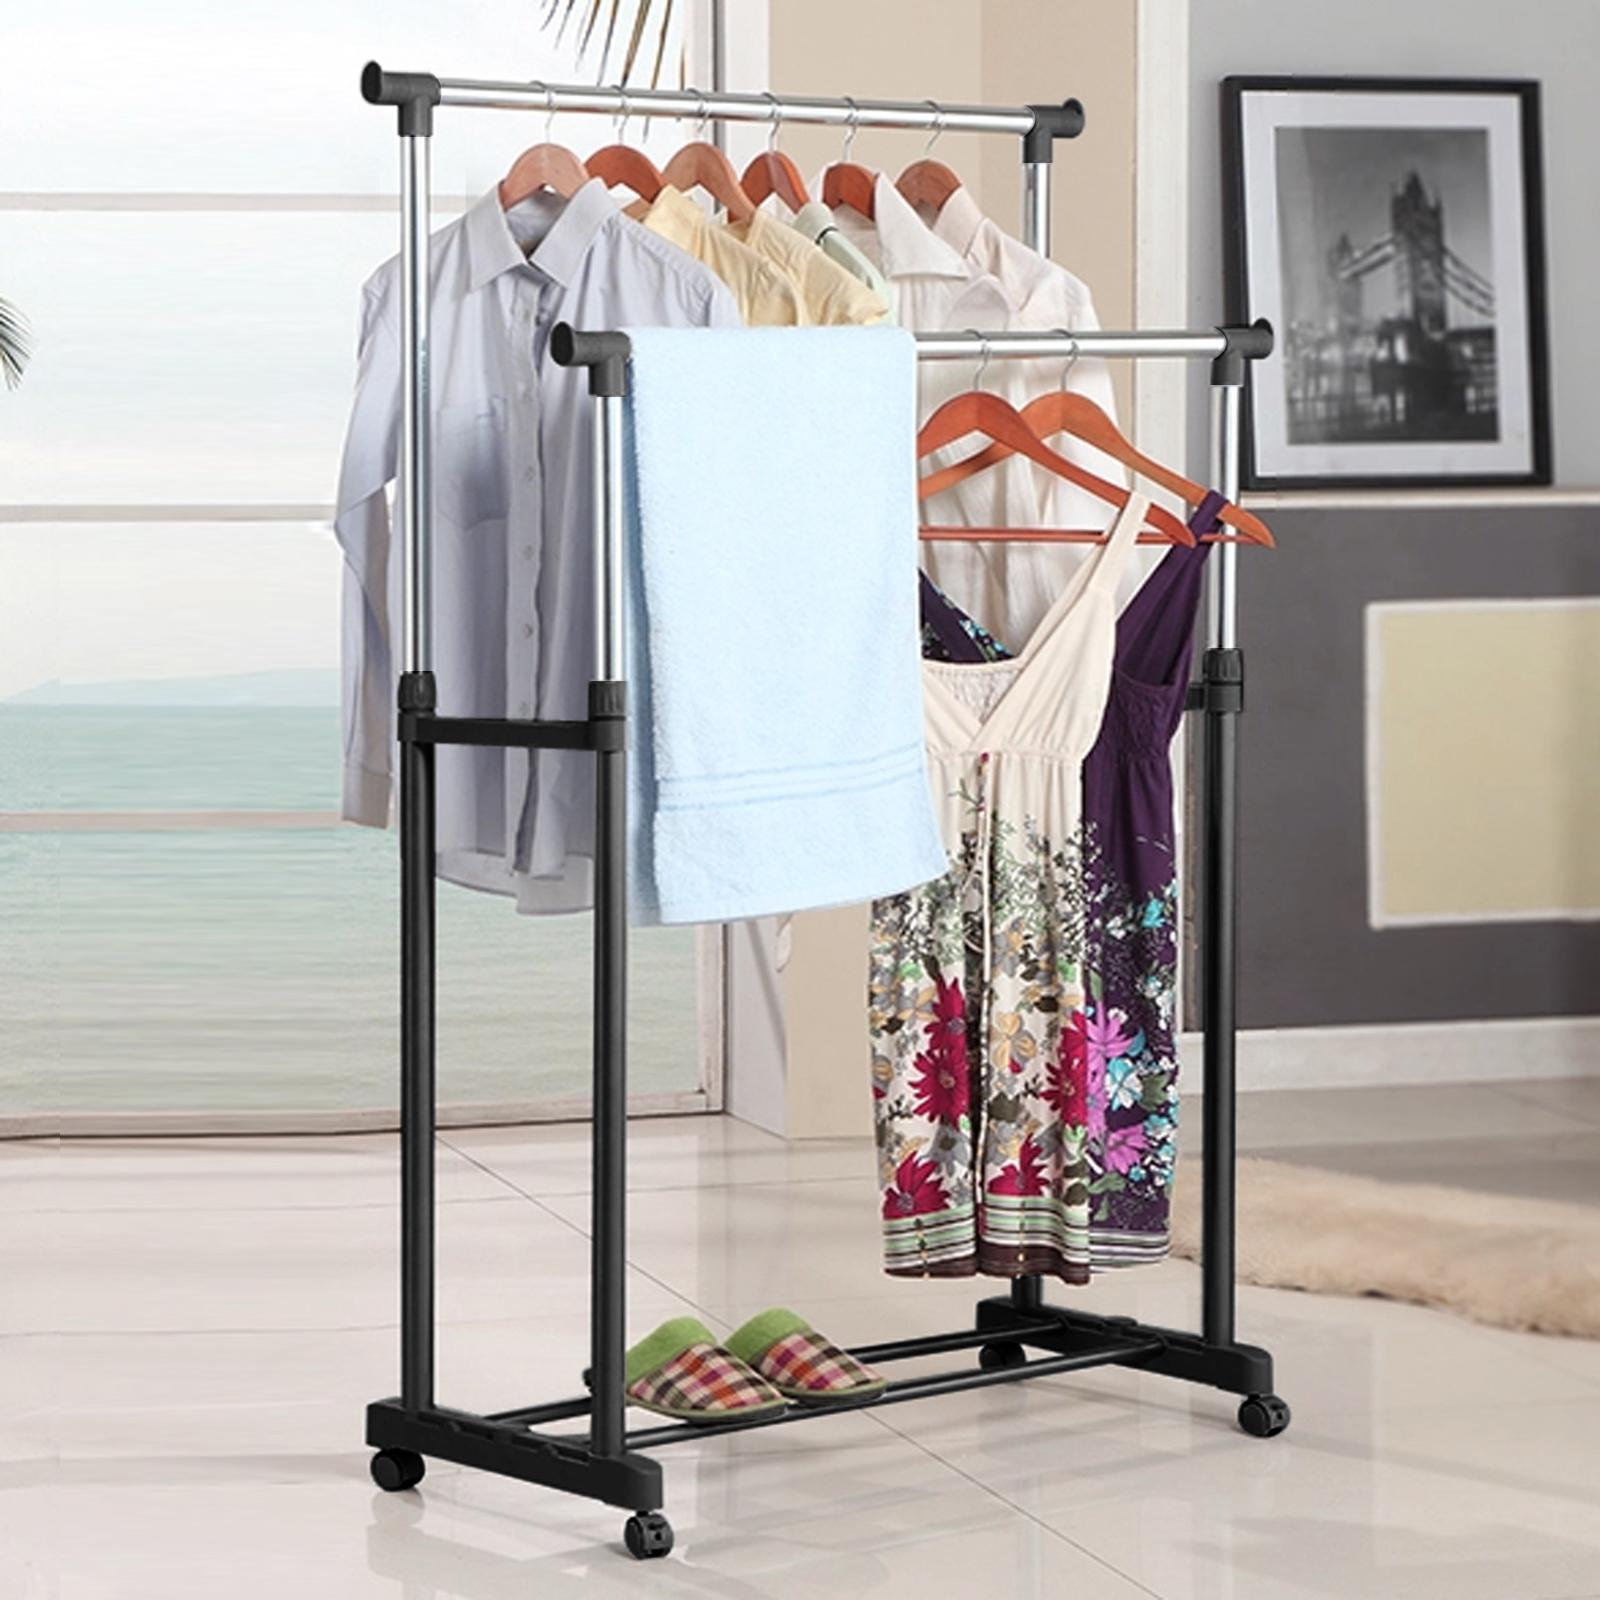 Вешалка для одежды, портативная регулируемая двойная сушилка для одежды, подвесные Крючки-вешалки с колесиками, полка для обуви, Прямая поставка, новое поступление